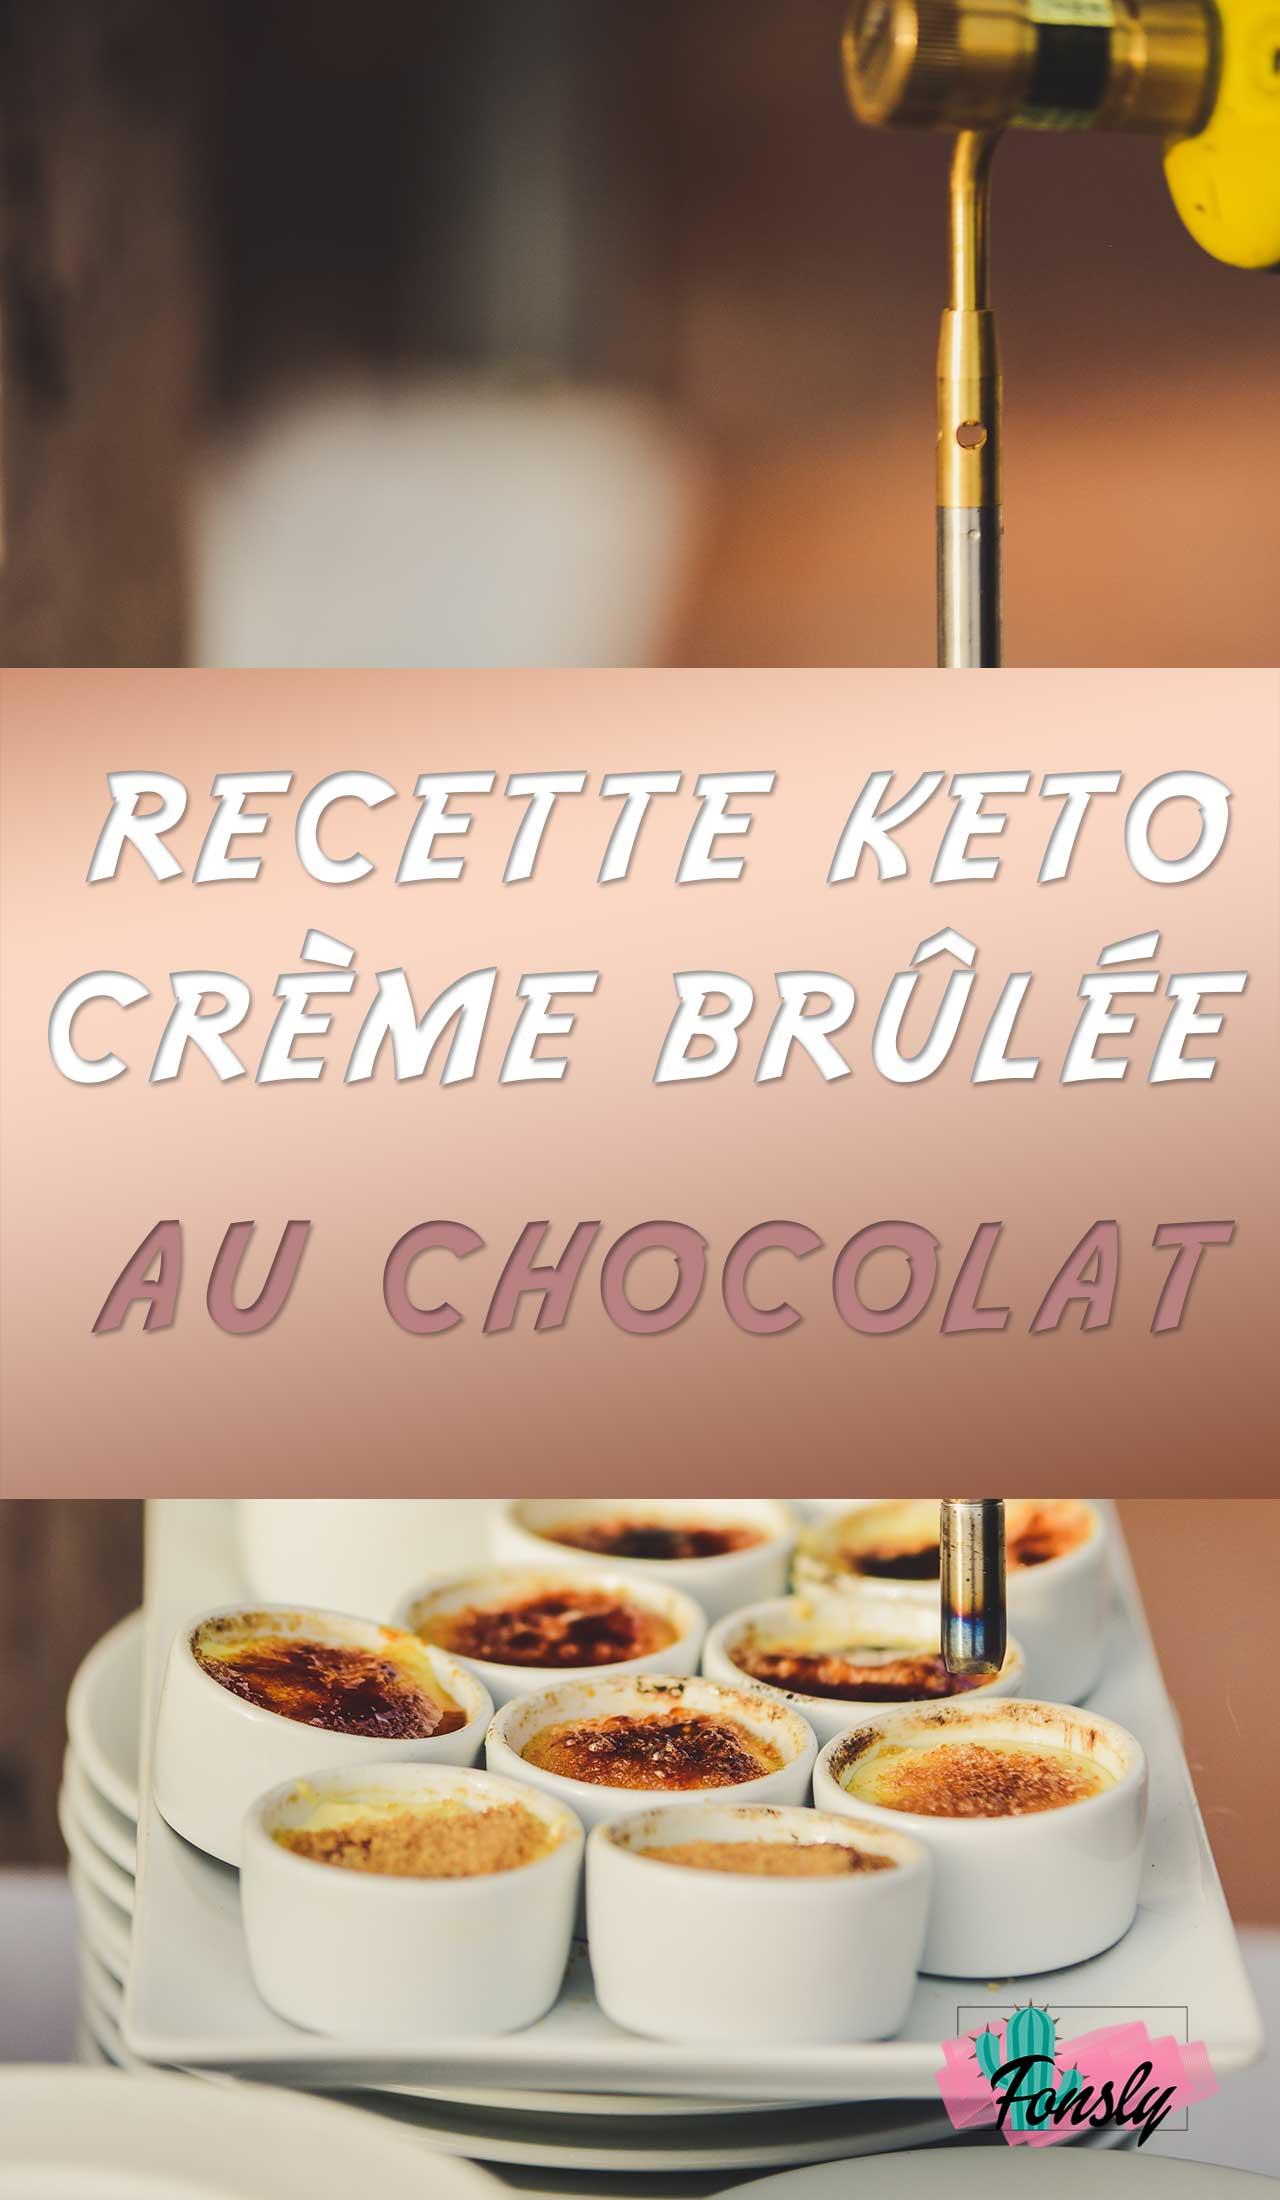 recette de creme brulée, recette de dessert keto